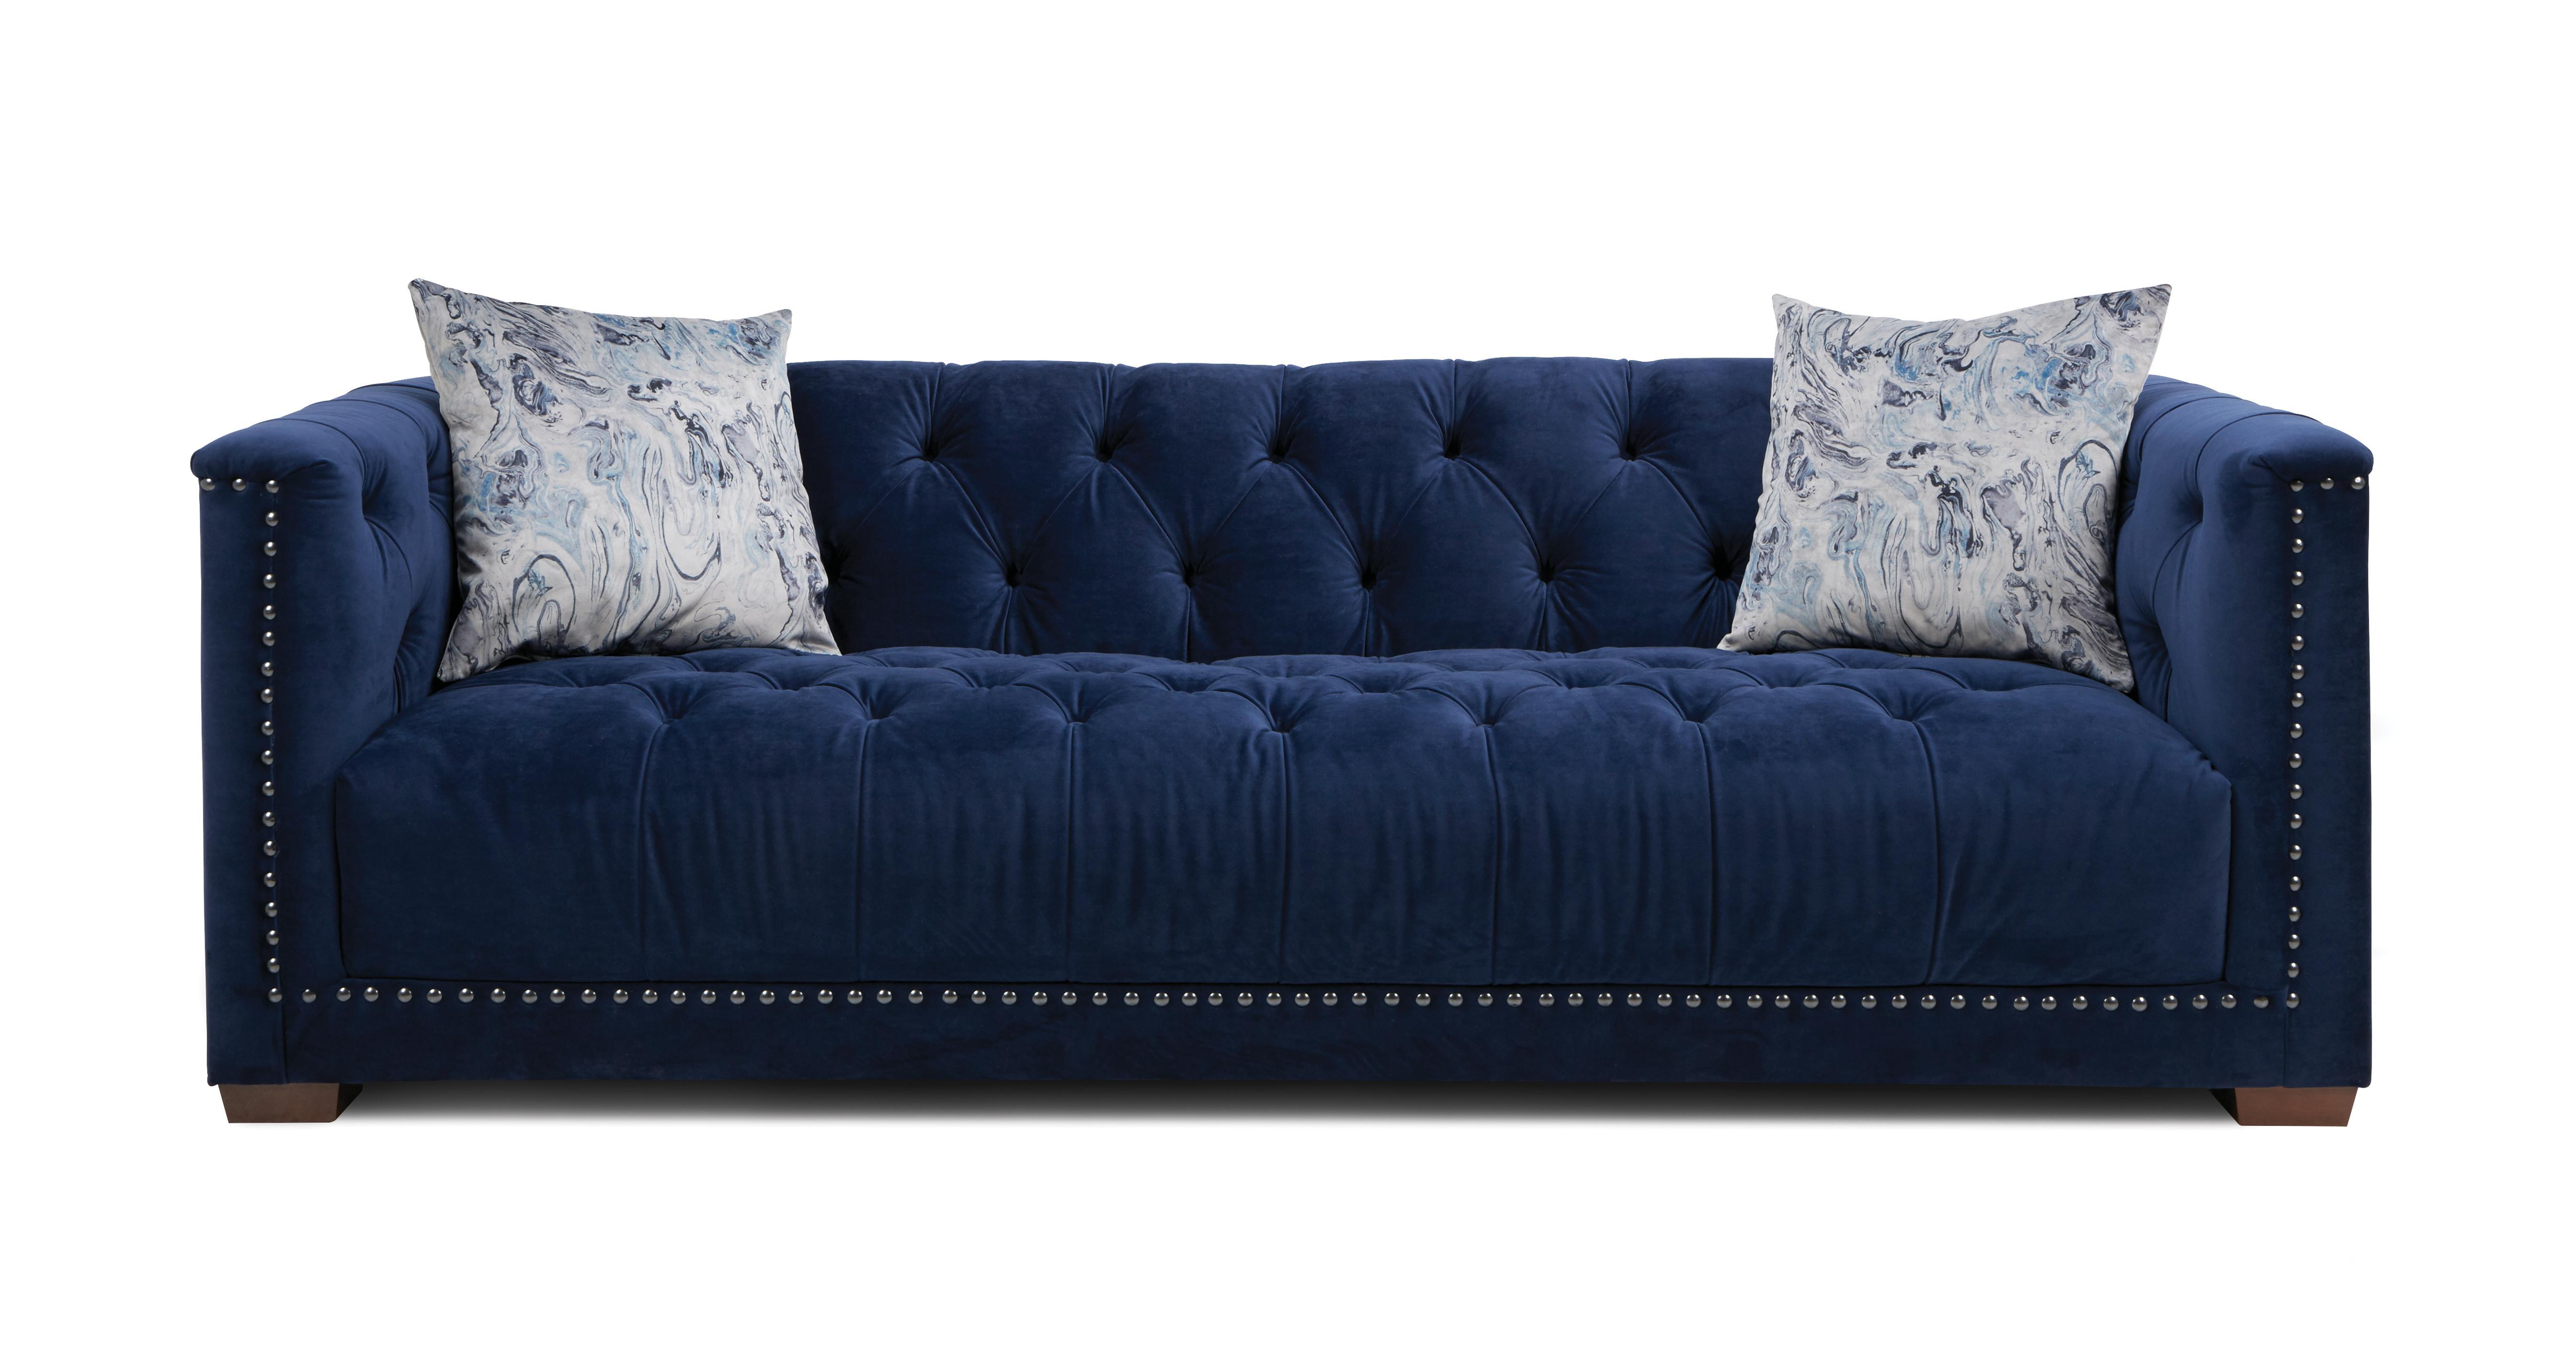 Trafalgar: Velvet 4 Seater Sofa